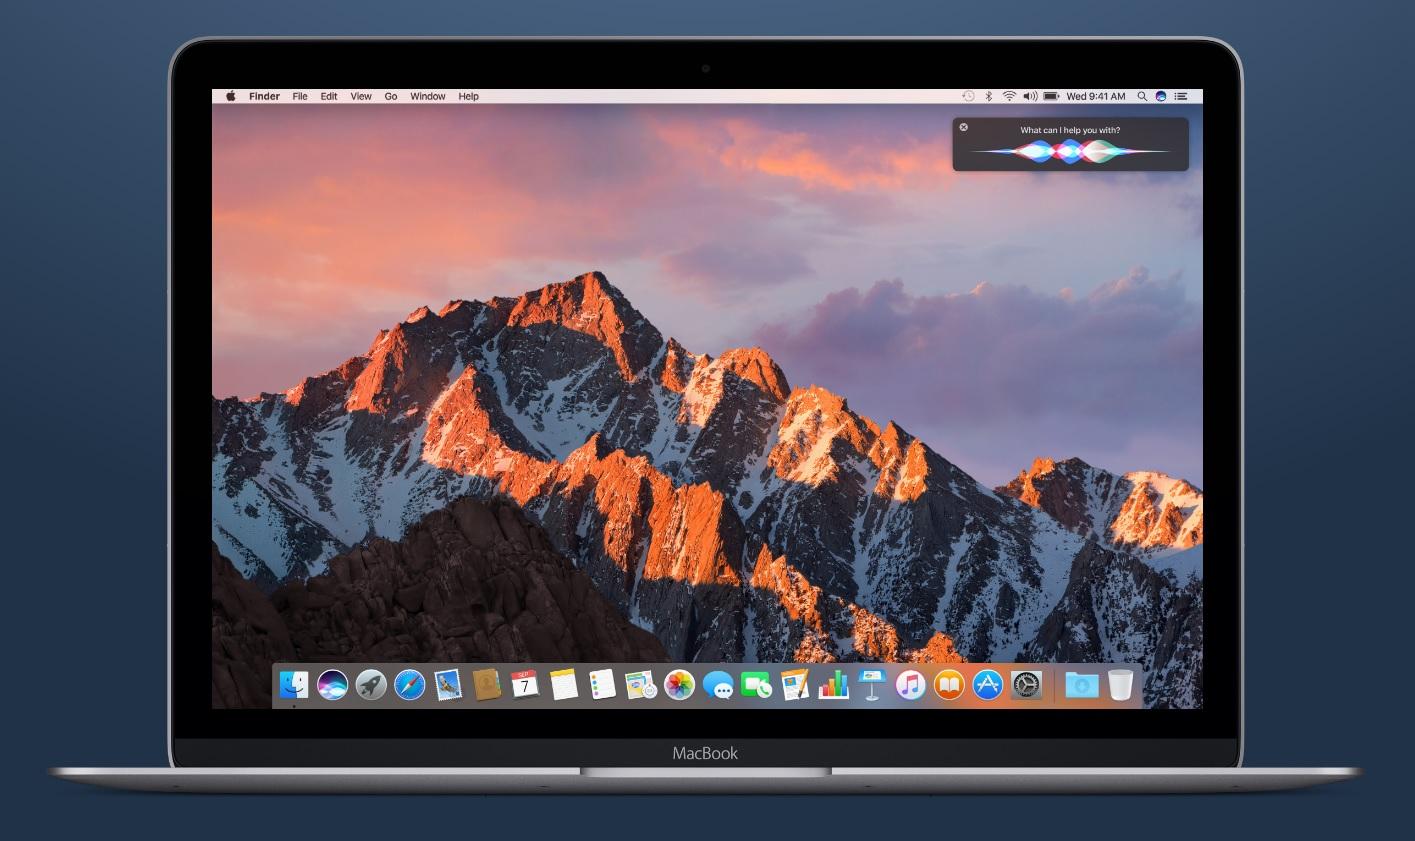 Siri on macOS Sierra